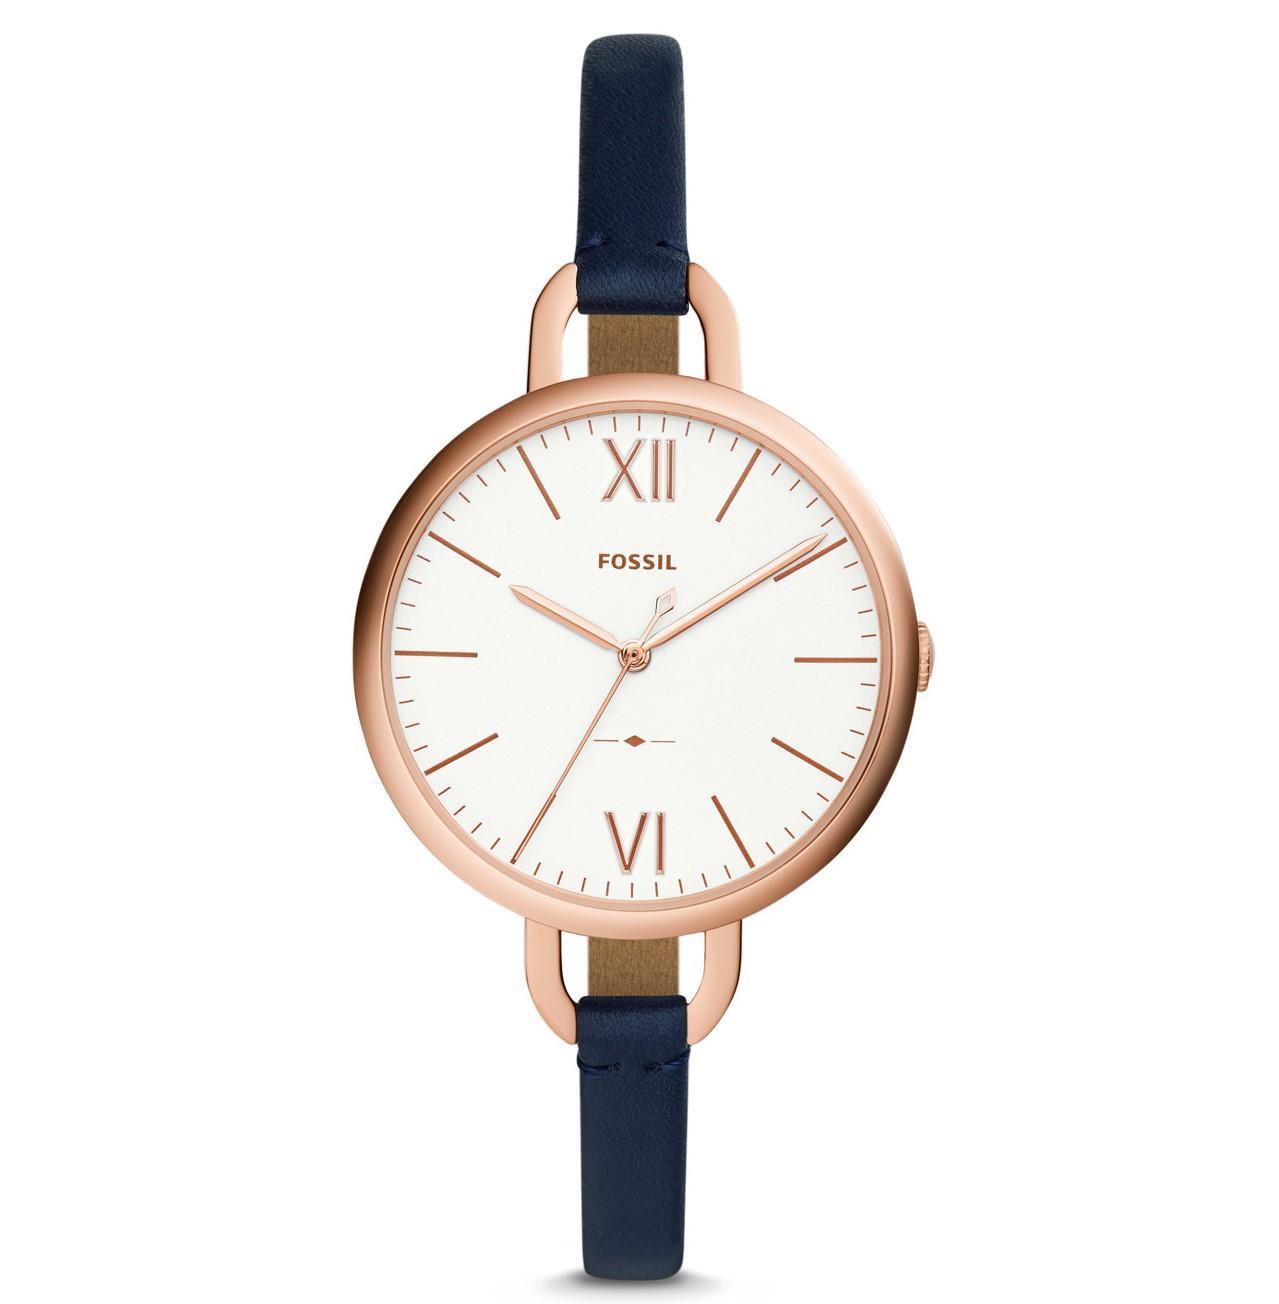 Jual Jam Tangan Fossil Terbaru Jr1487 Pria Original Annette Navy Leather Watch Es 4355